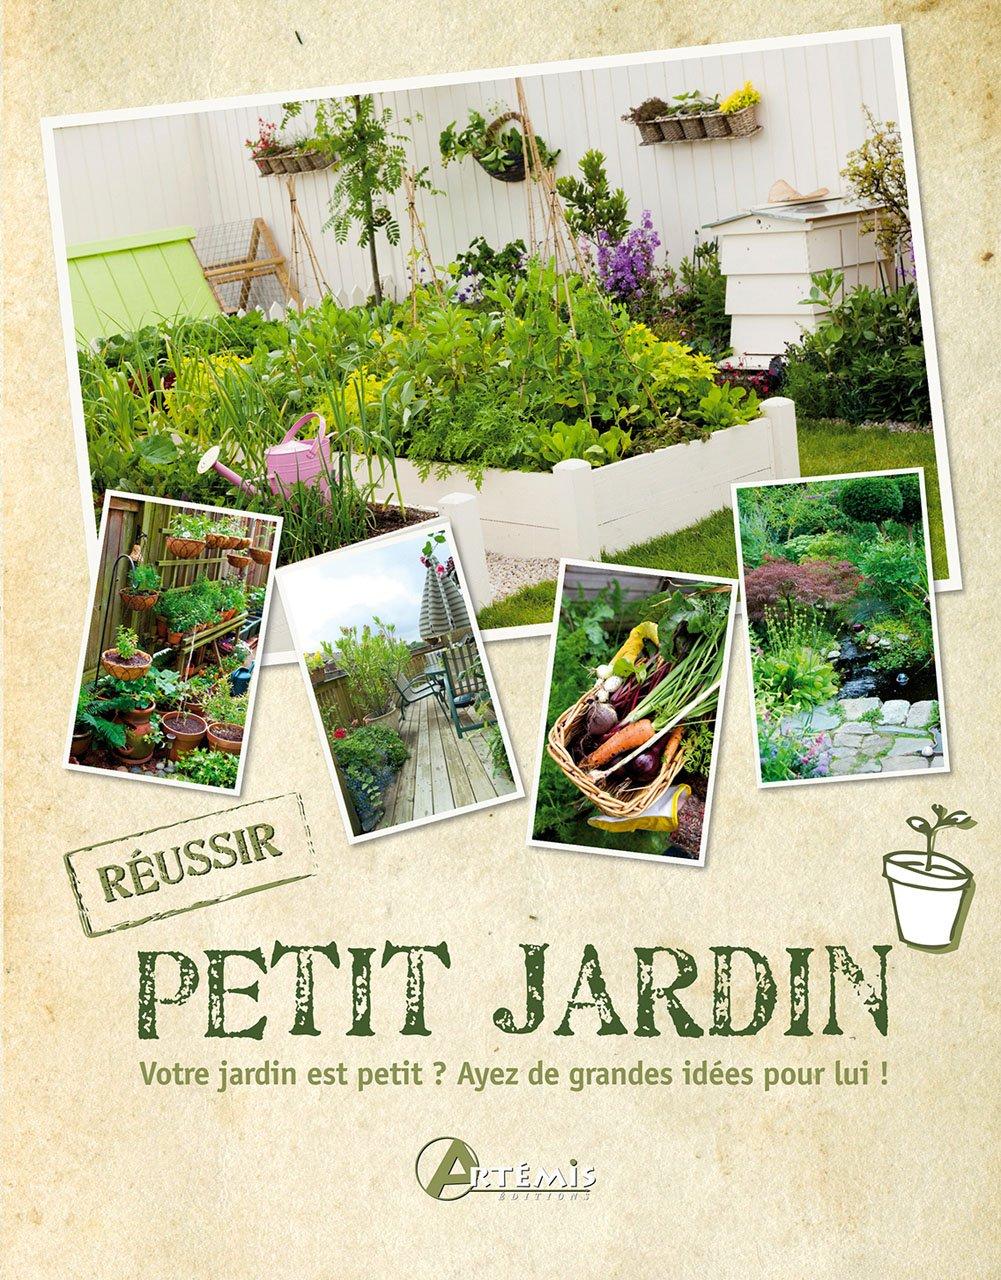 Petit jardin : Votre jardin est petit ? Ayez de grandes idées pour lui !